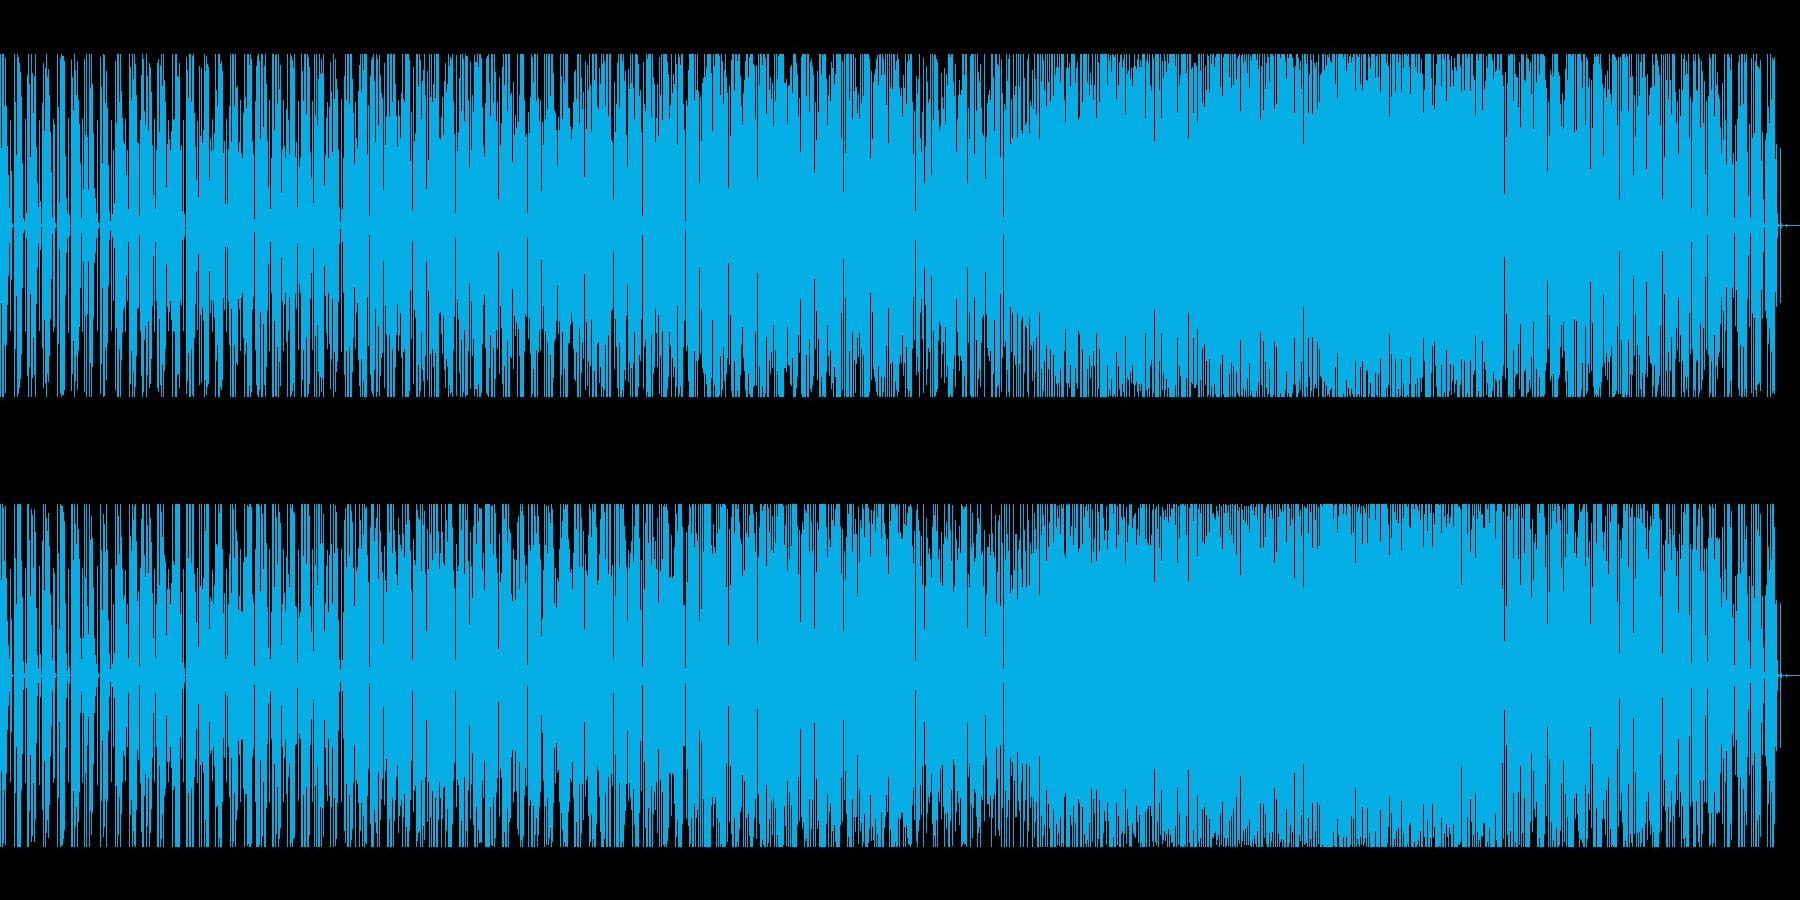 軽やかでファンキーなハウスミュージックの再生済みの波形